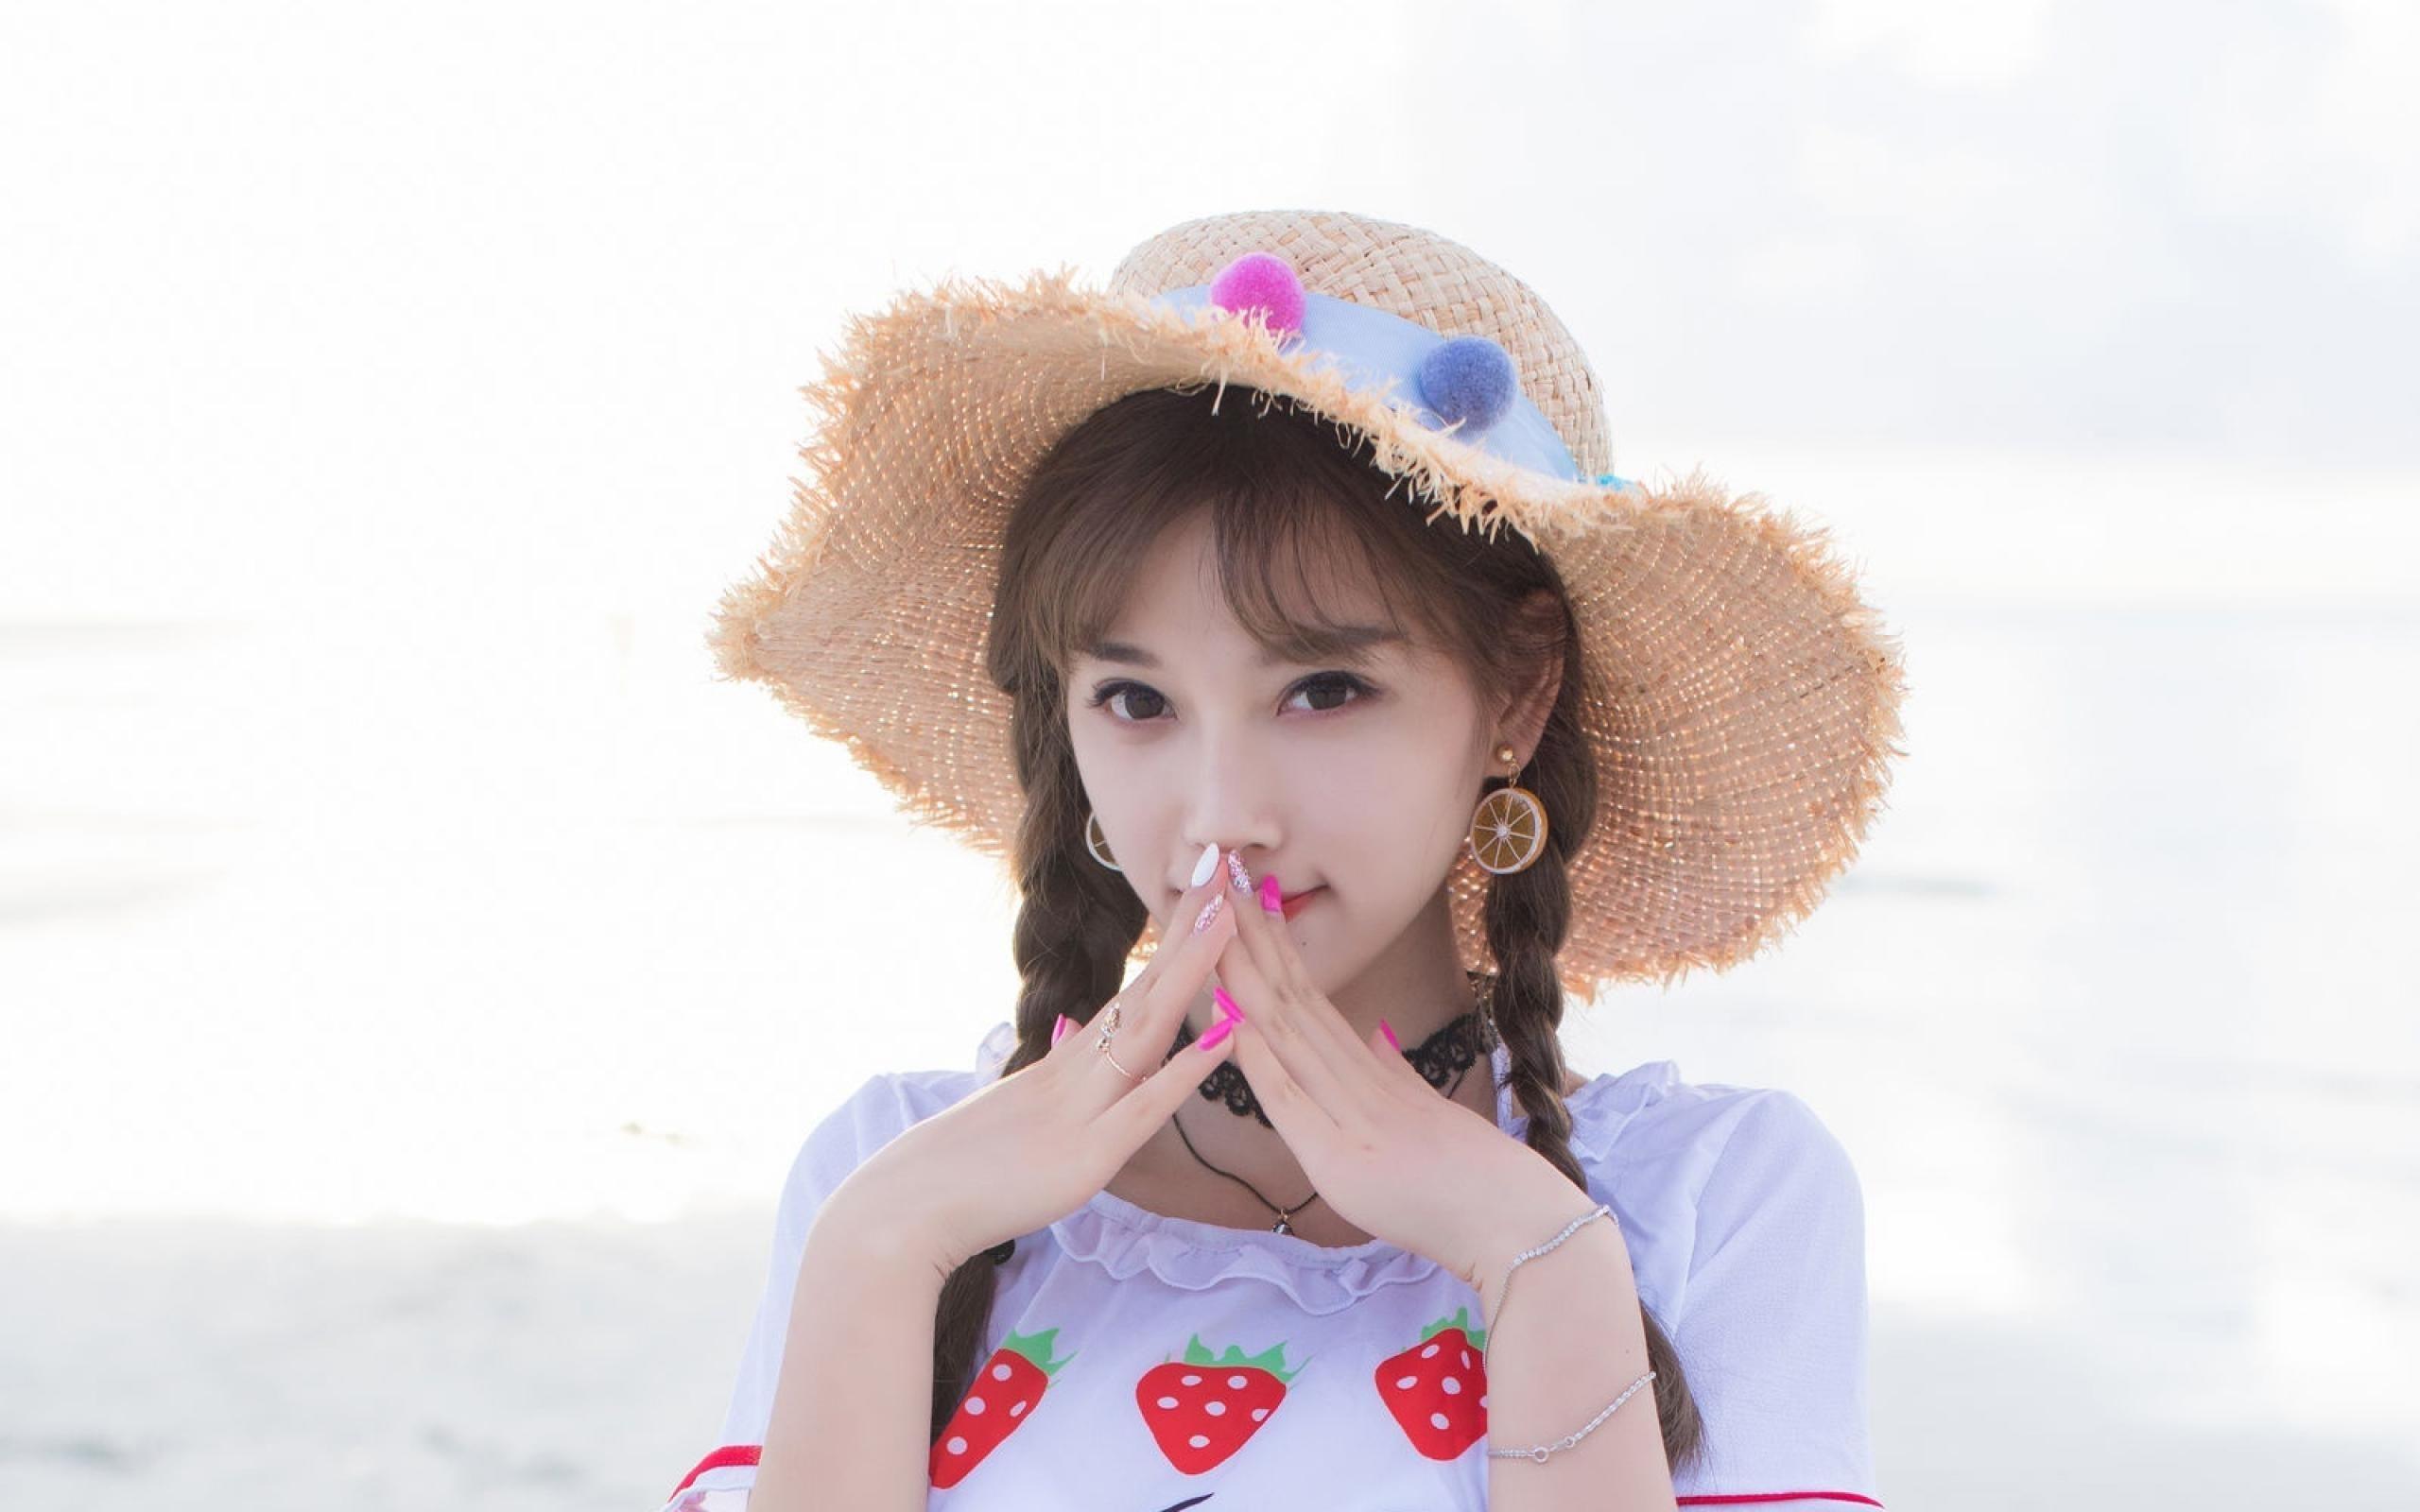 好可爱的小美女,海边摄影写真,清新靓丽,迷人插图(7)